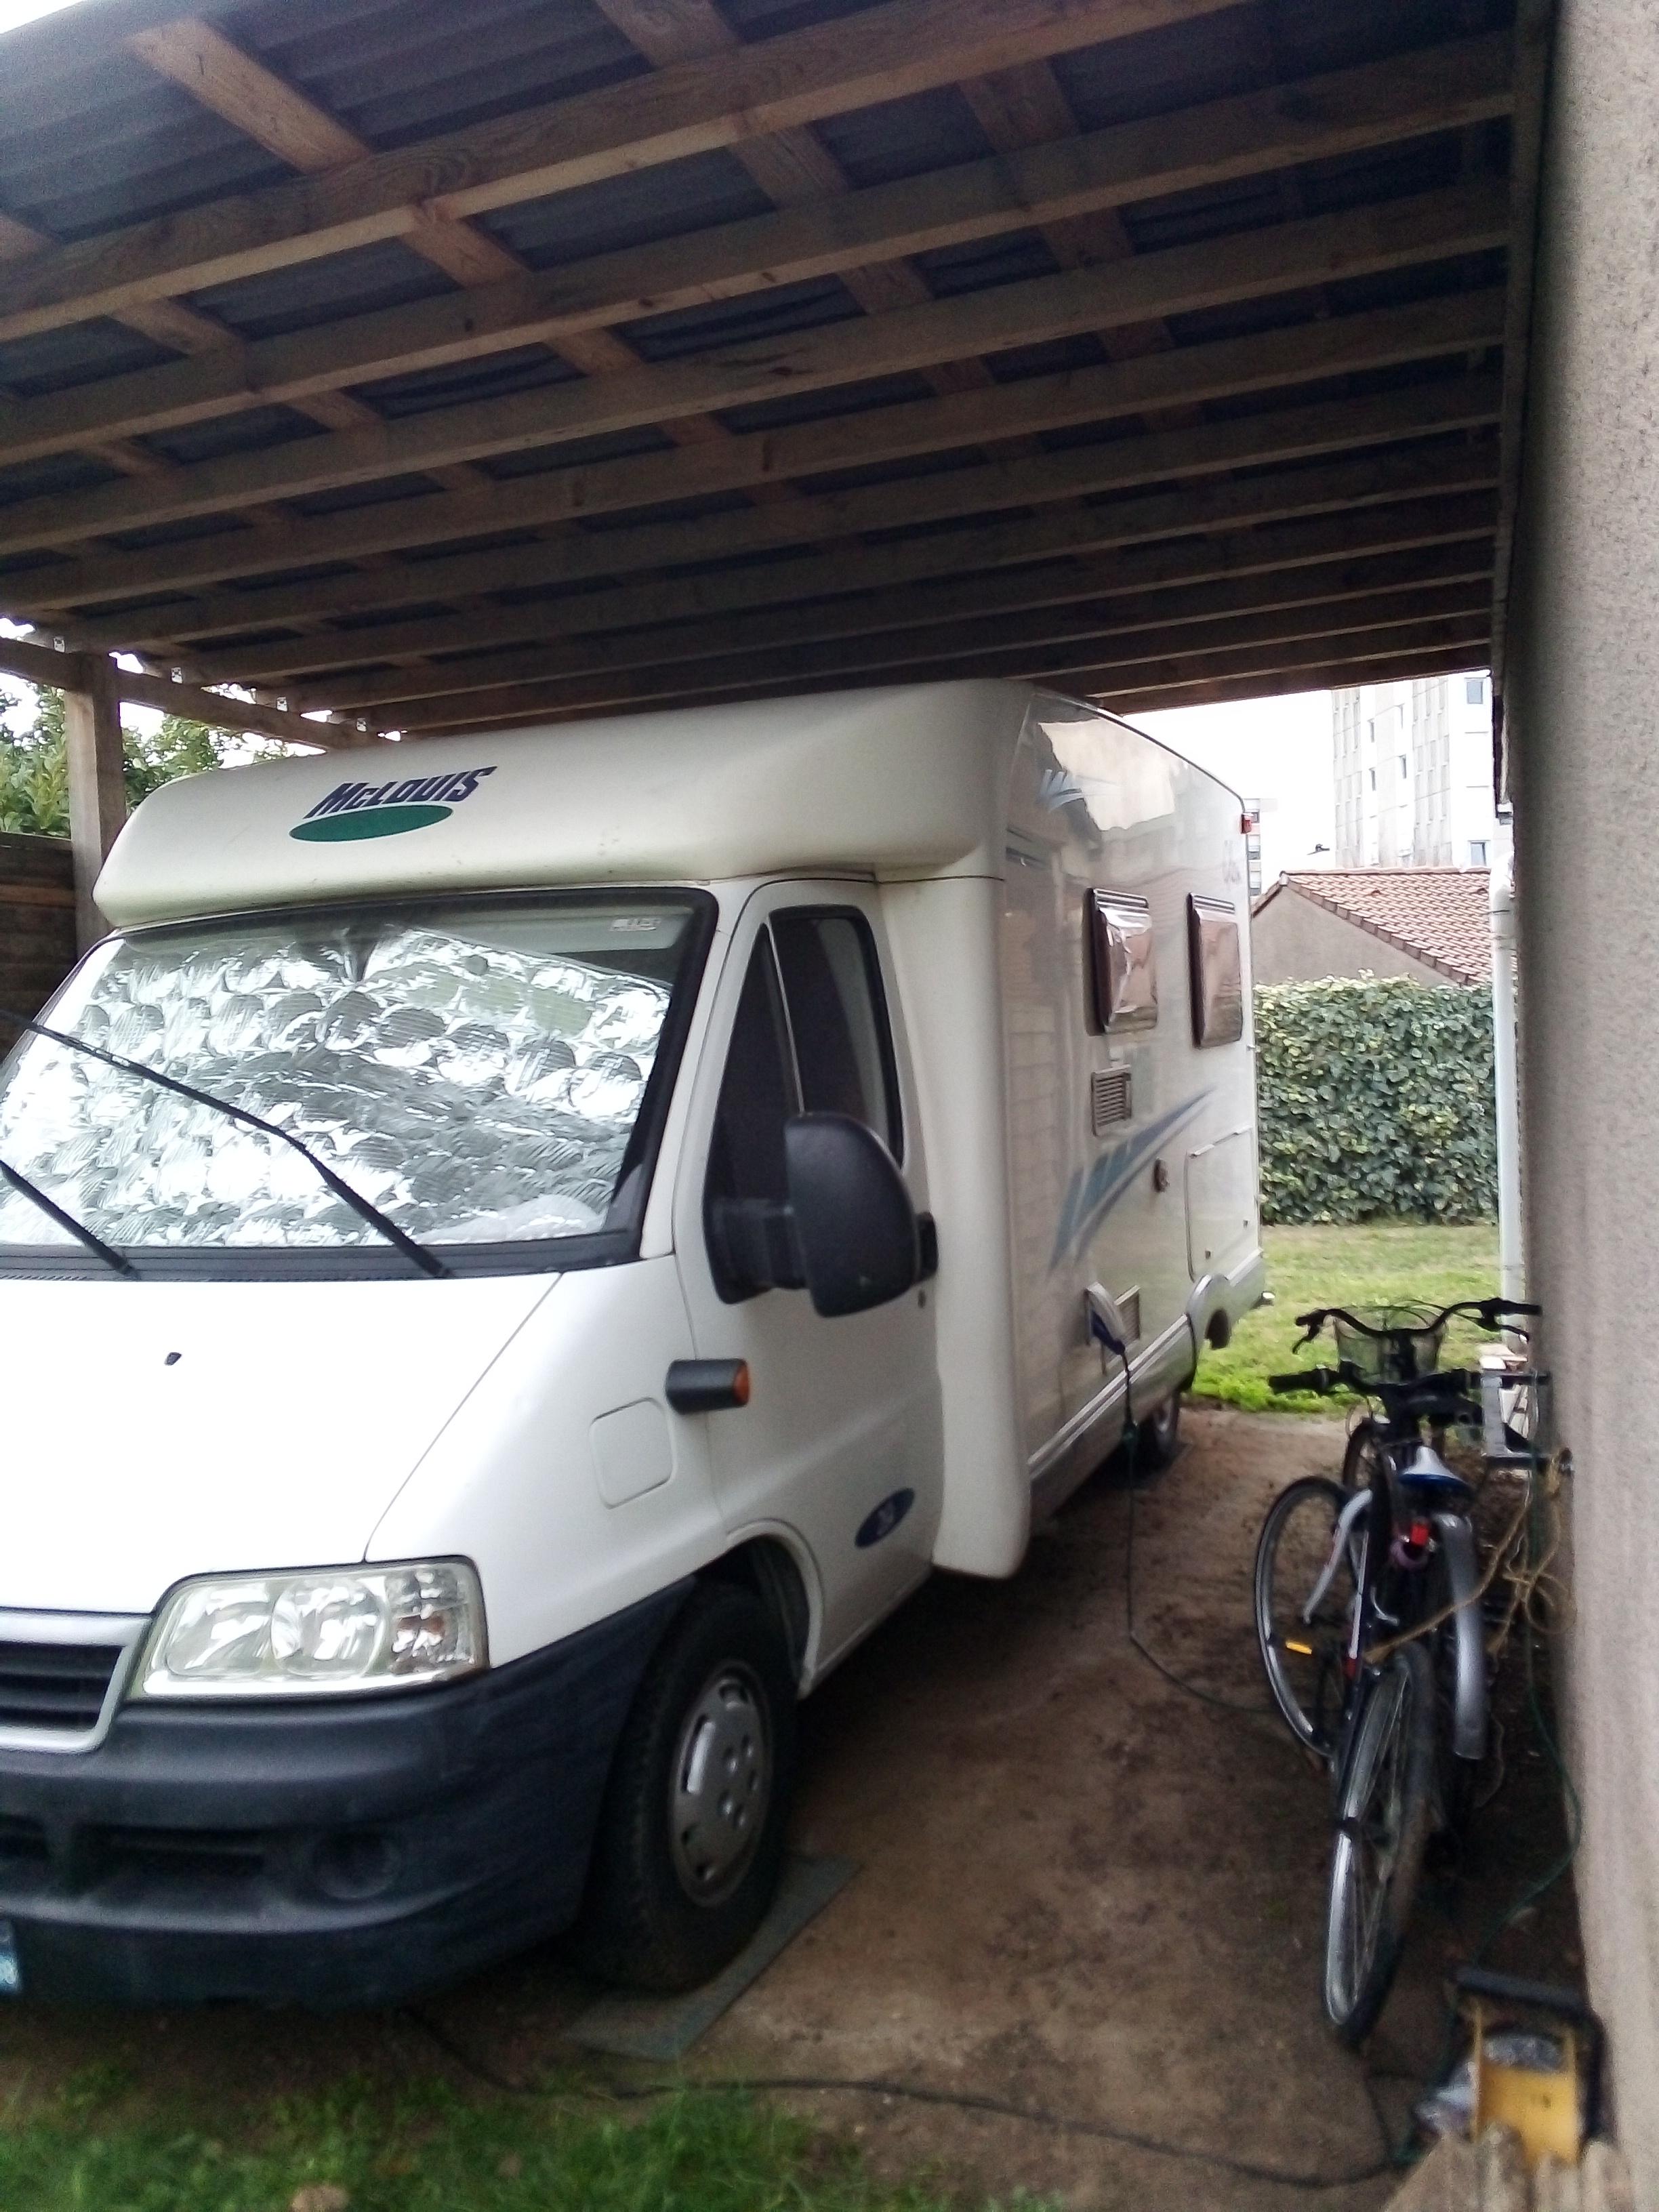 Camping car profilé Mac louis clen 264